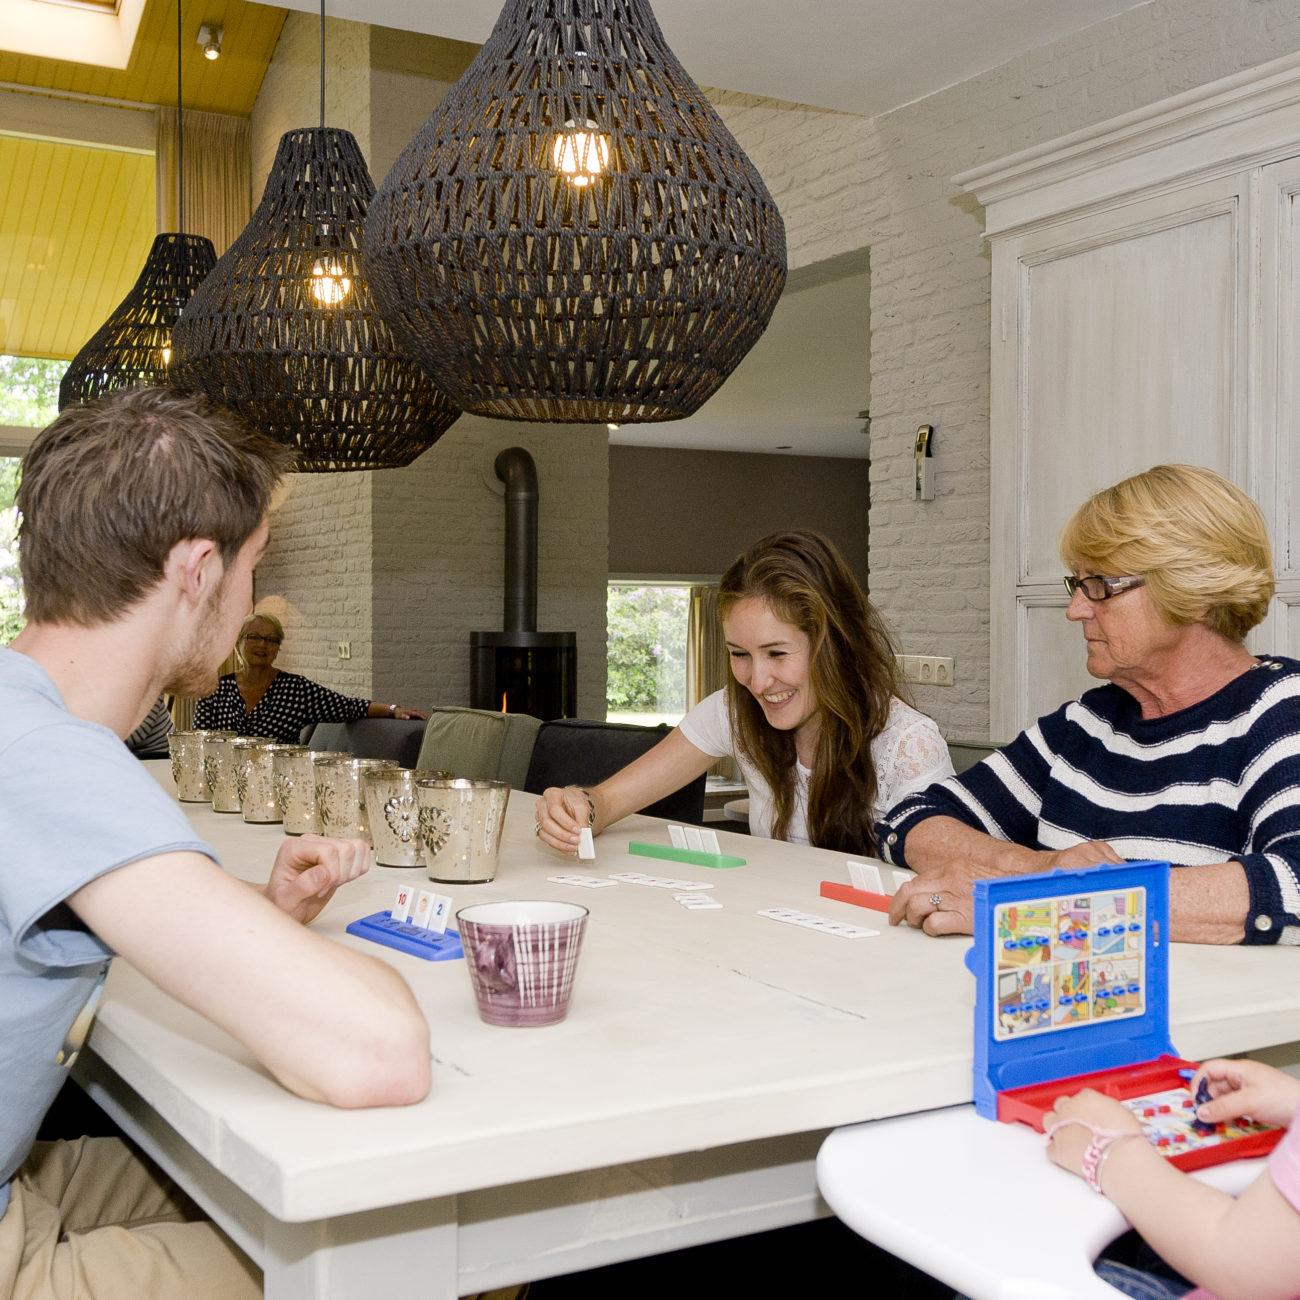 Met het gezin aan tafel een spelletje spelen